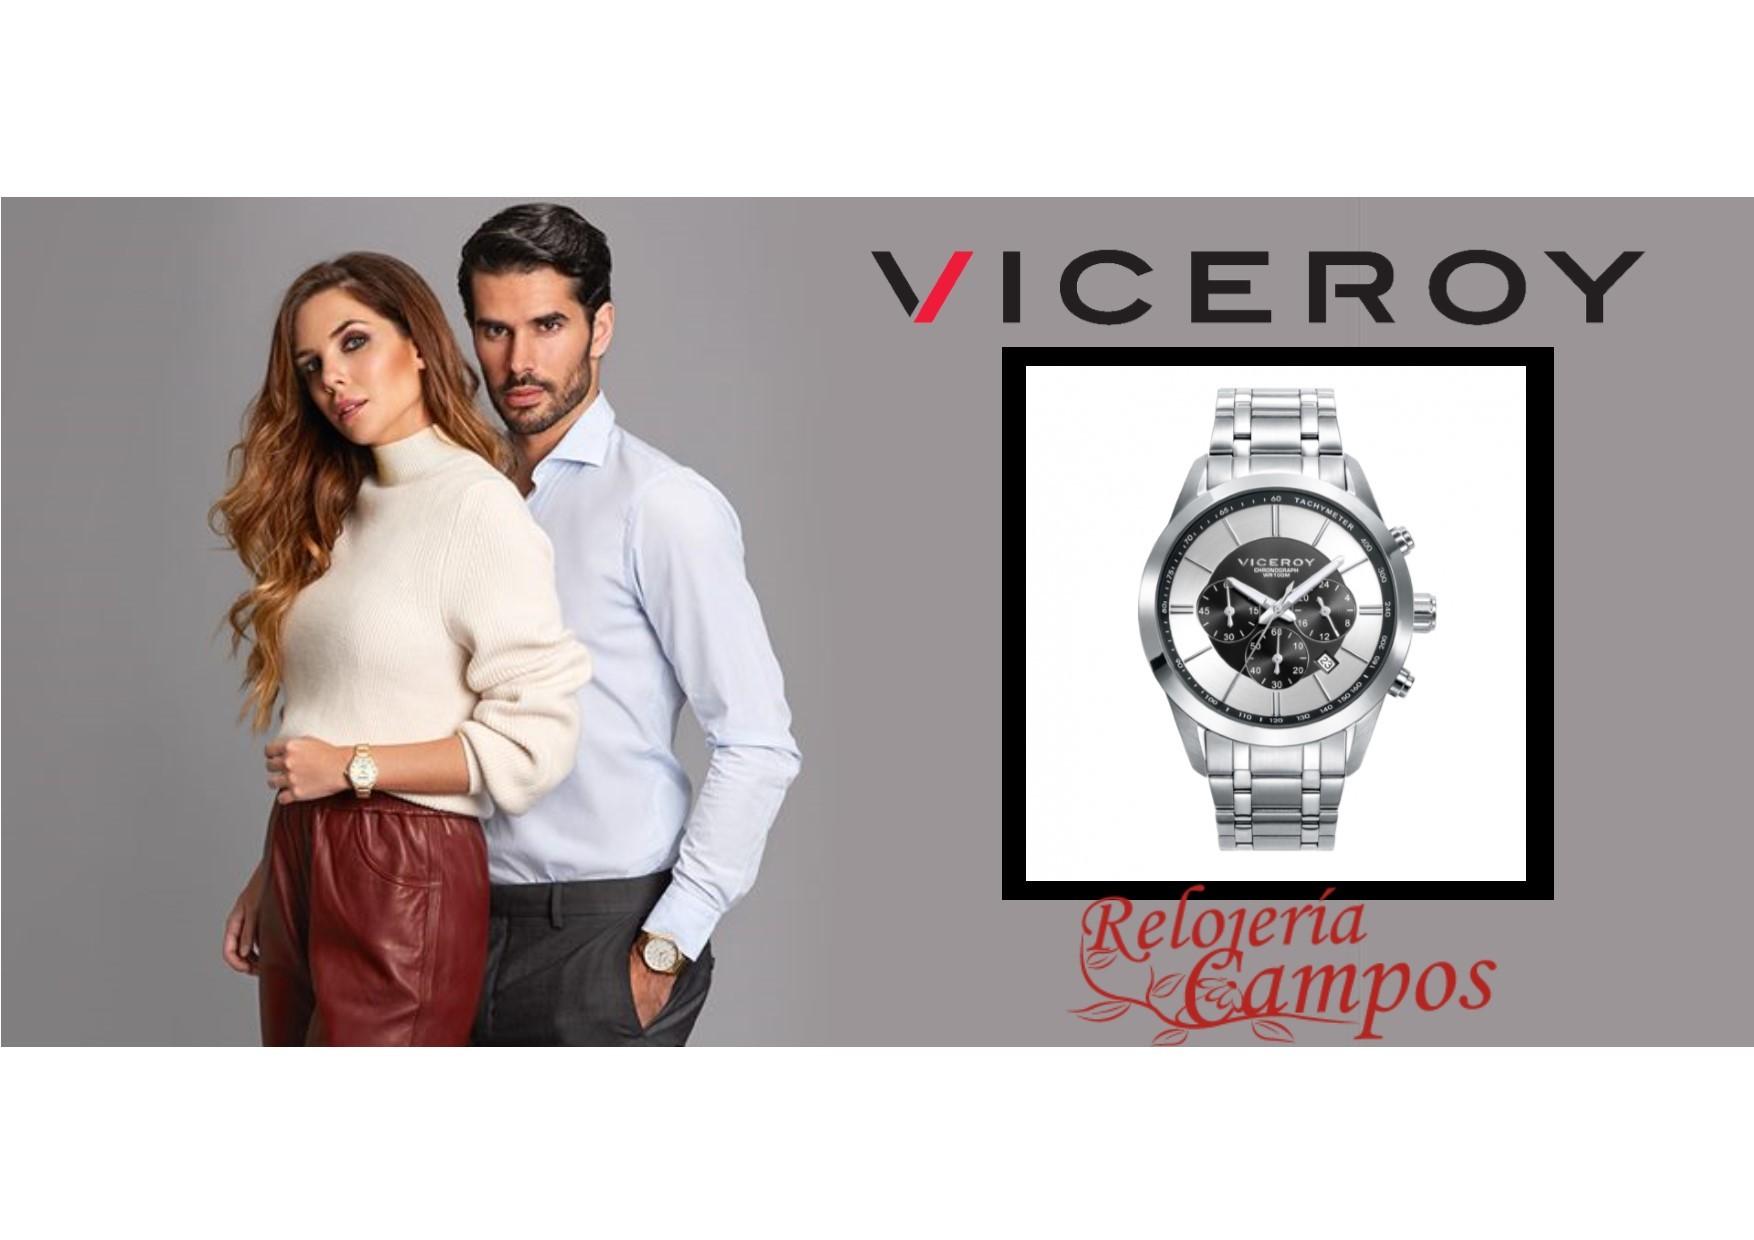 Viceroy - Relojeria Campos